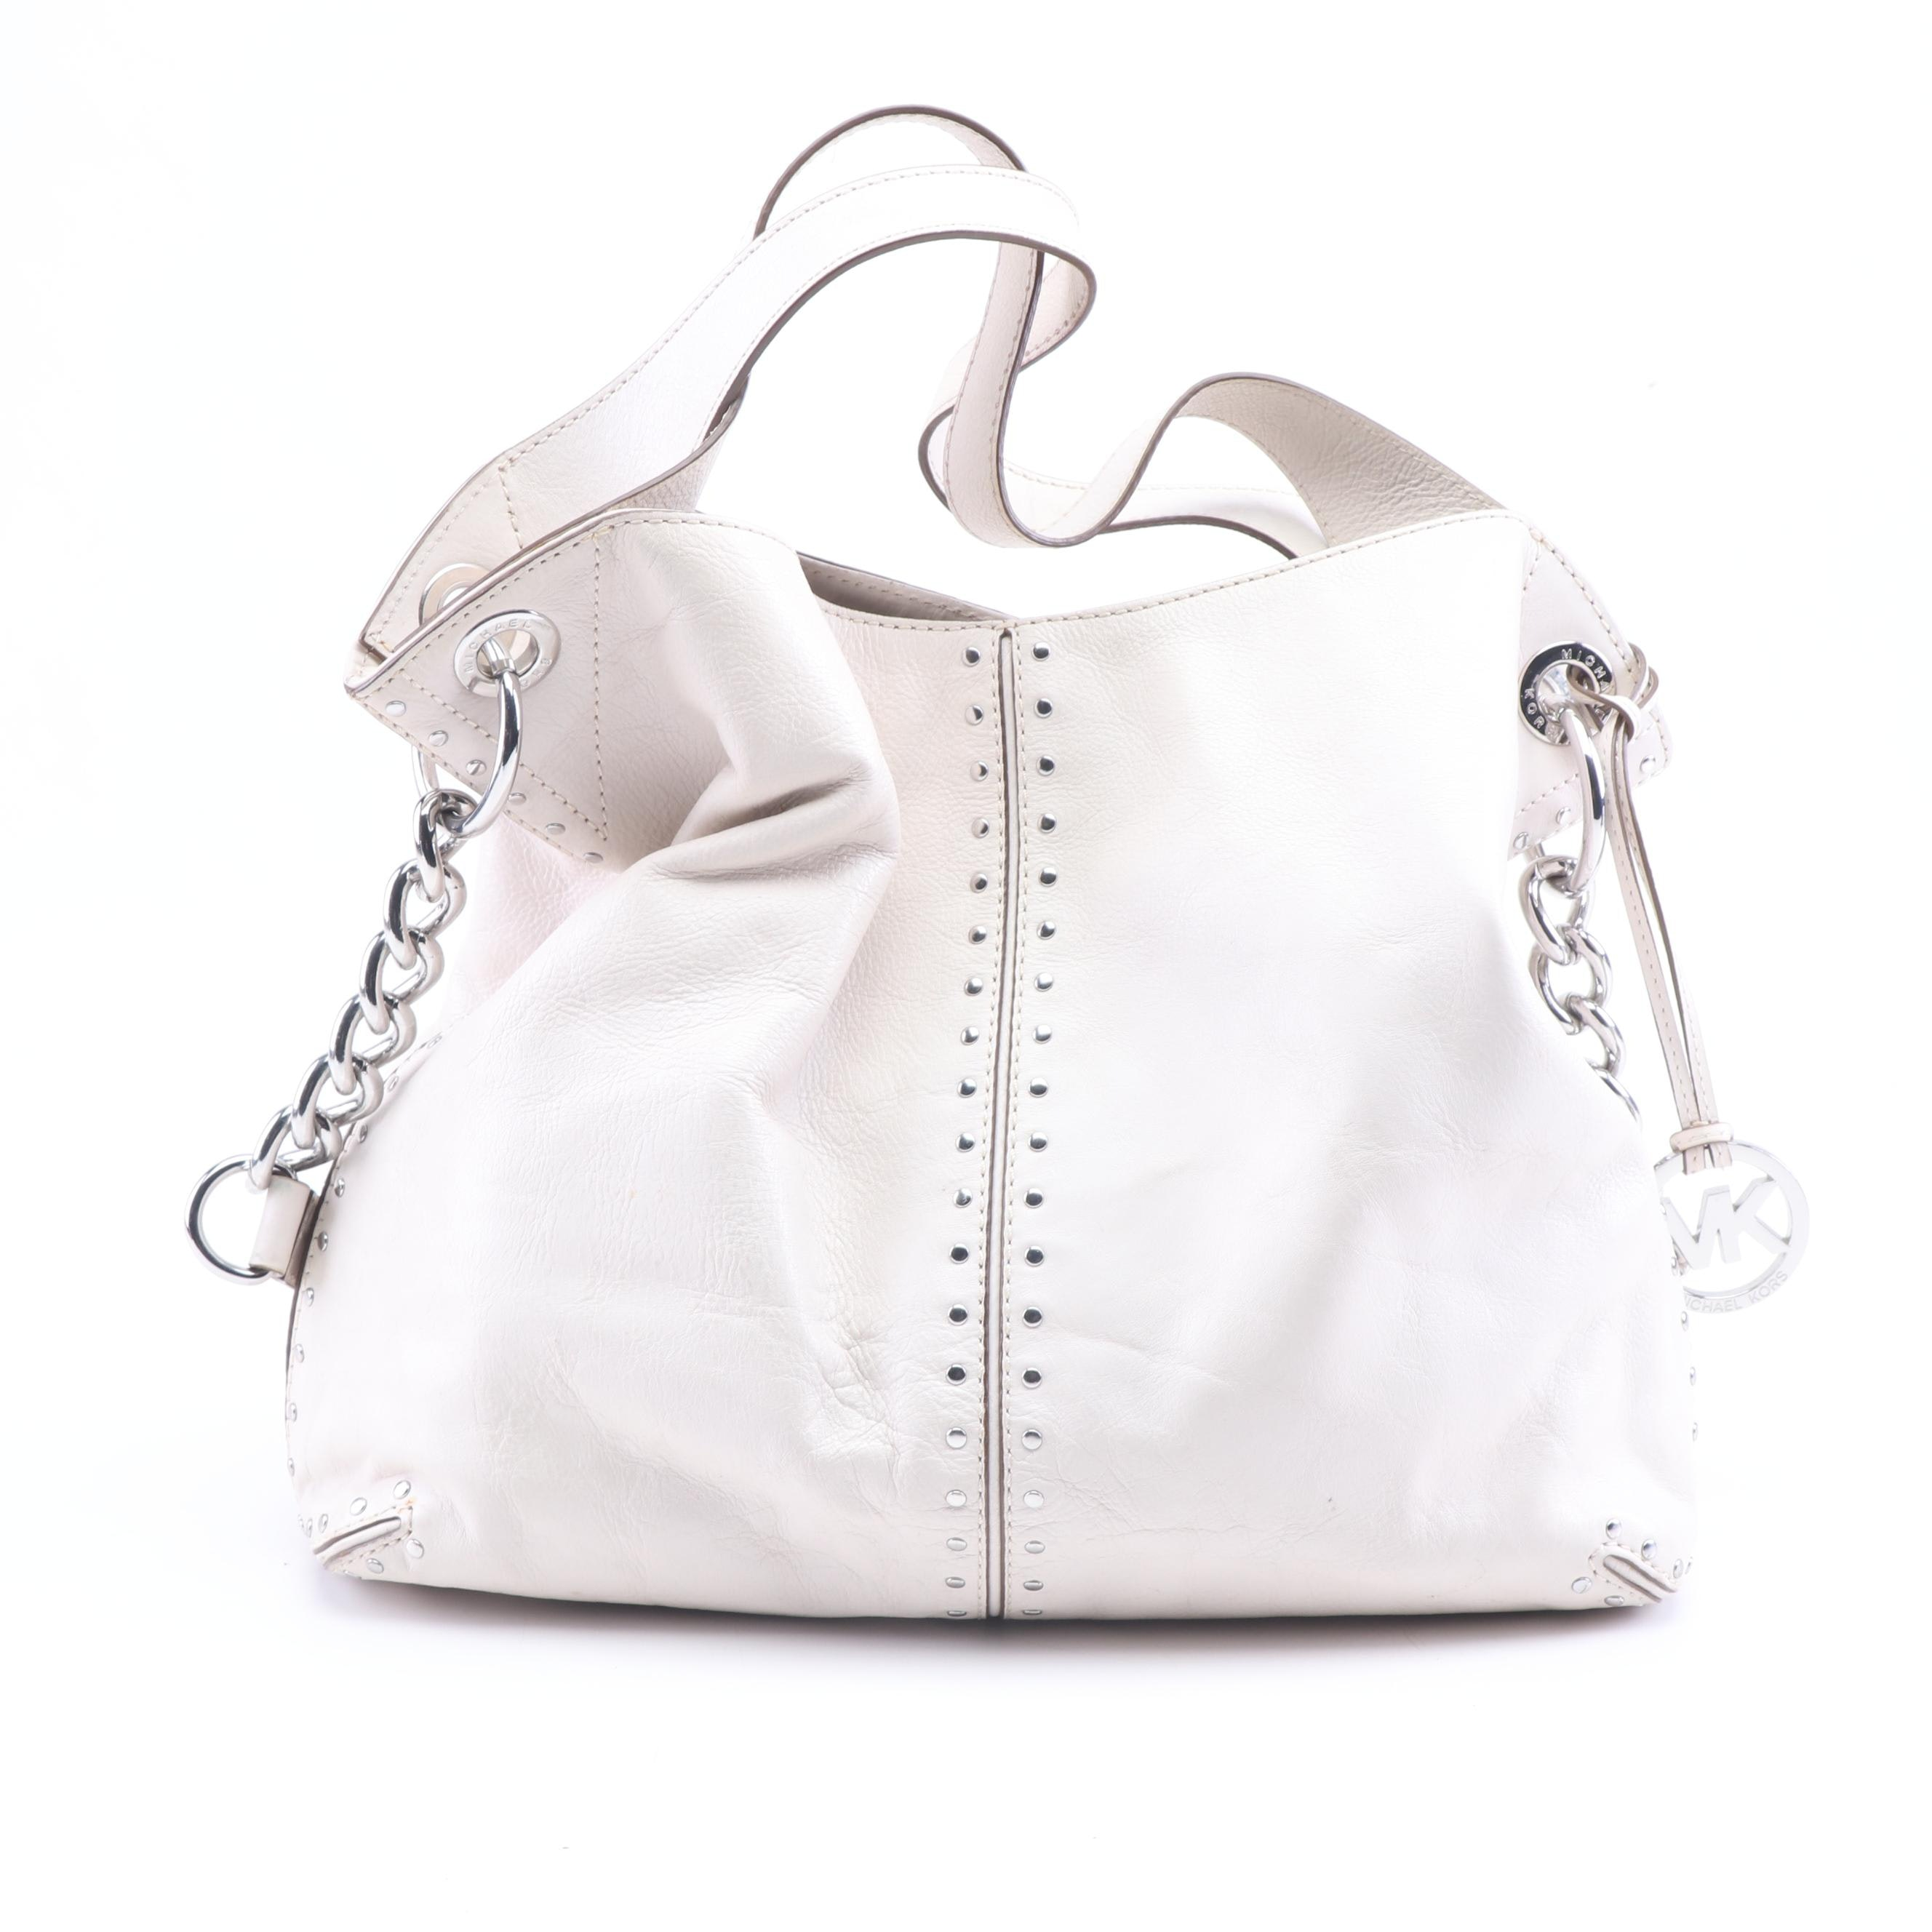 MICHAEL Michael Kors Studded Leather Convertible Hobo Bag